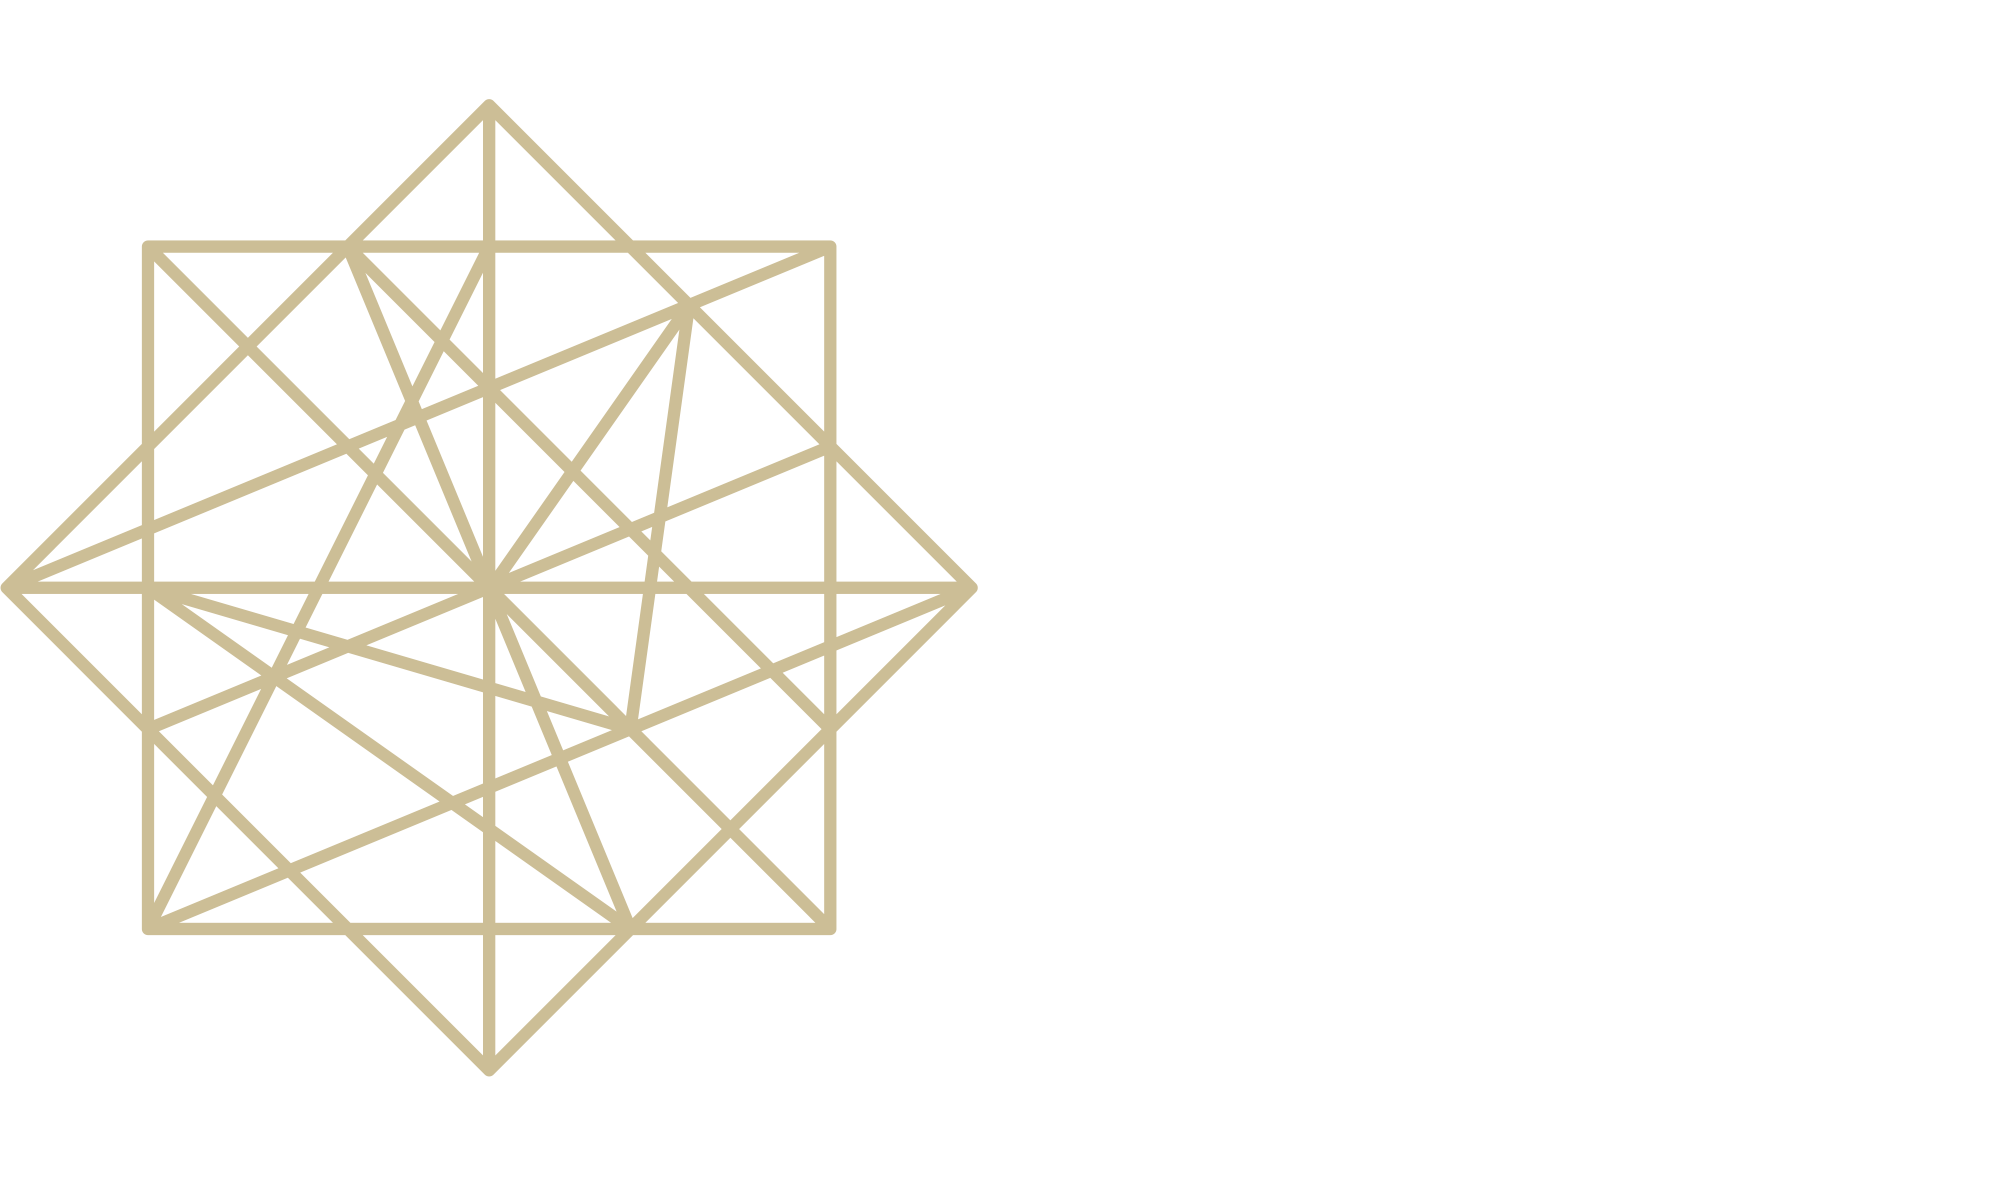 4c-boardroom